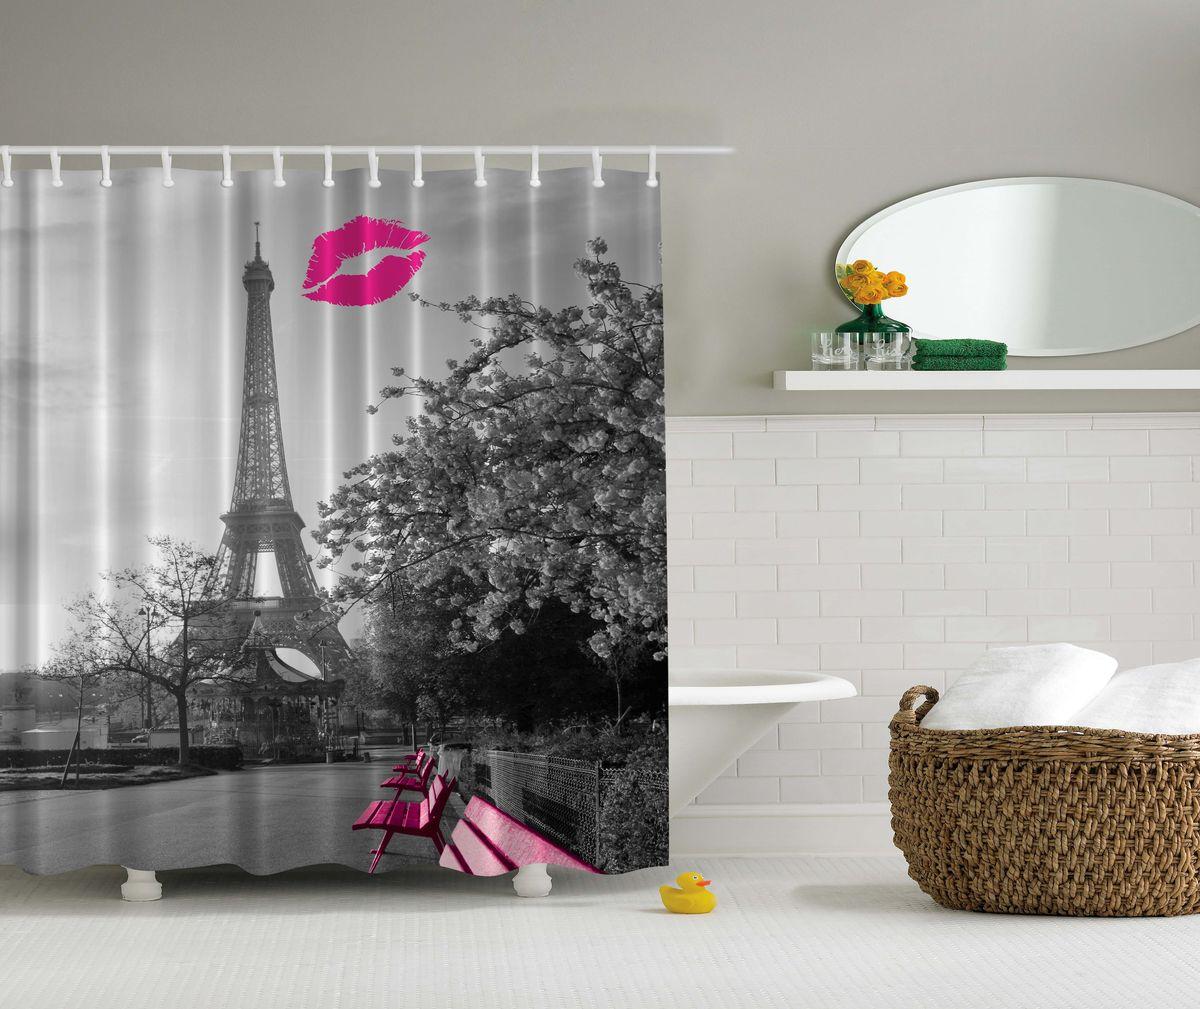 Штора для ванной комнаты Magic Lady Поцелуй в Париже, 180 х 200 см391602Штора Magic Lady Поцелуй в Париже, изготовленная из высококачественного сатена (полиэстер 100%), отлично дополнит любой интерьер ванной комнаты. При изготовлении используются специальные гипоаллергенные чернила для прямой печати по ткани, безопасные для человека.В комплекте: 1 штора, 12 крючков. Обращаем ваше внимание, фактический цвет изделия может незначительно отличаться от представленного на фото.